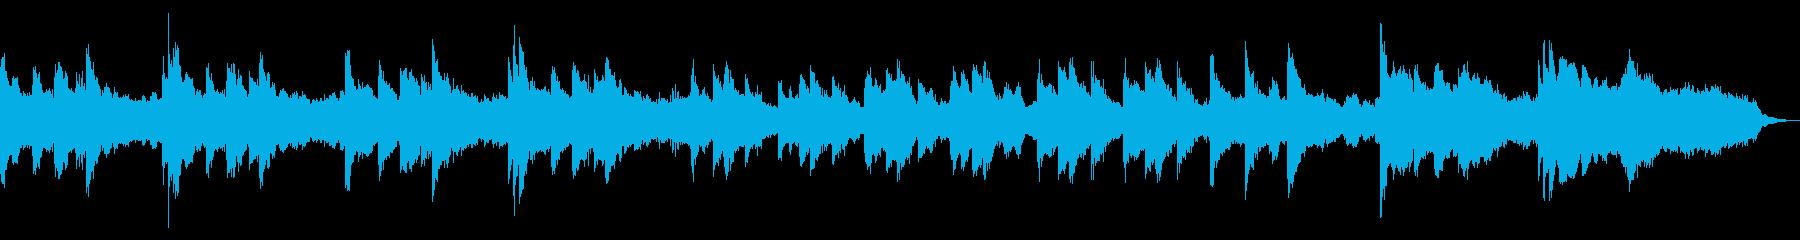 ピアノと弦楽器のアレンジがメレンコ...の再生済みの波形